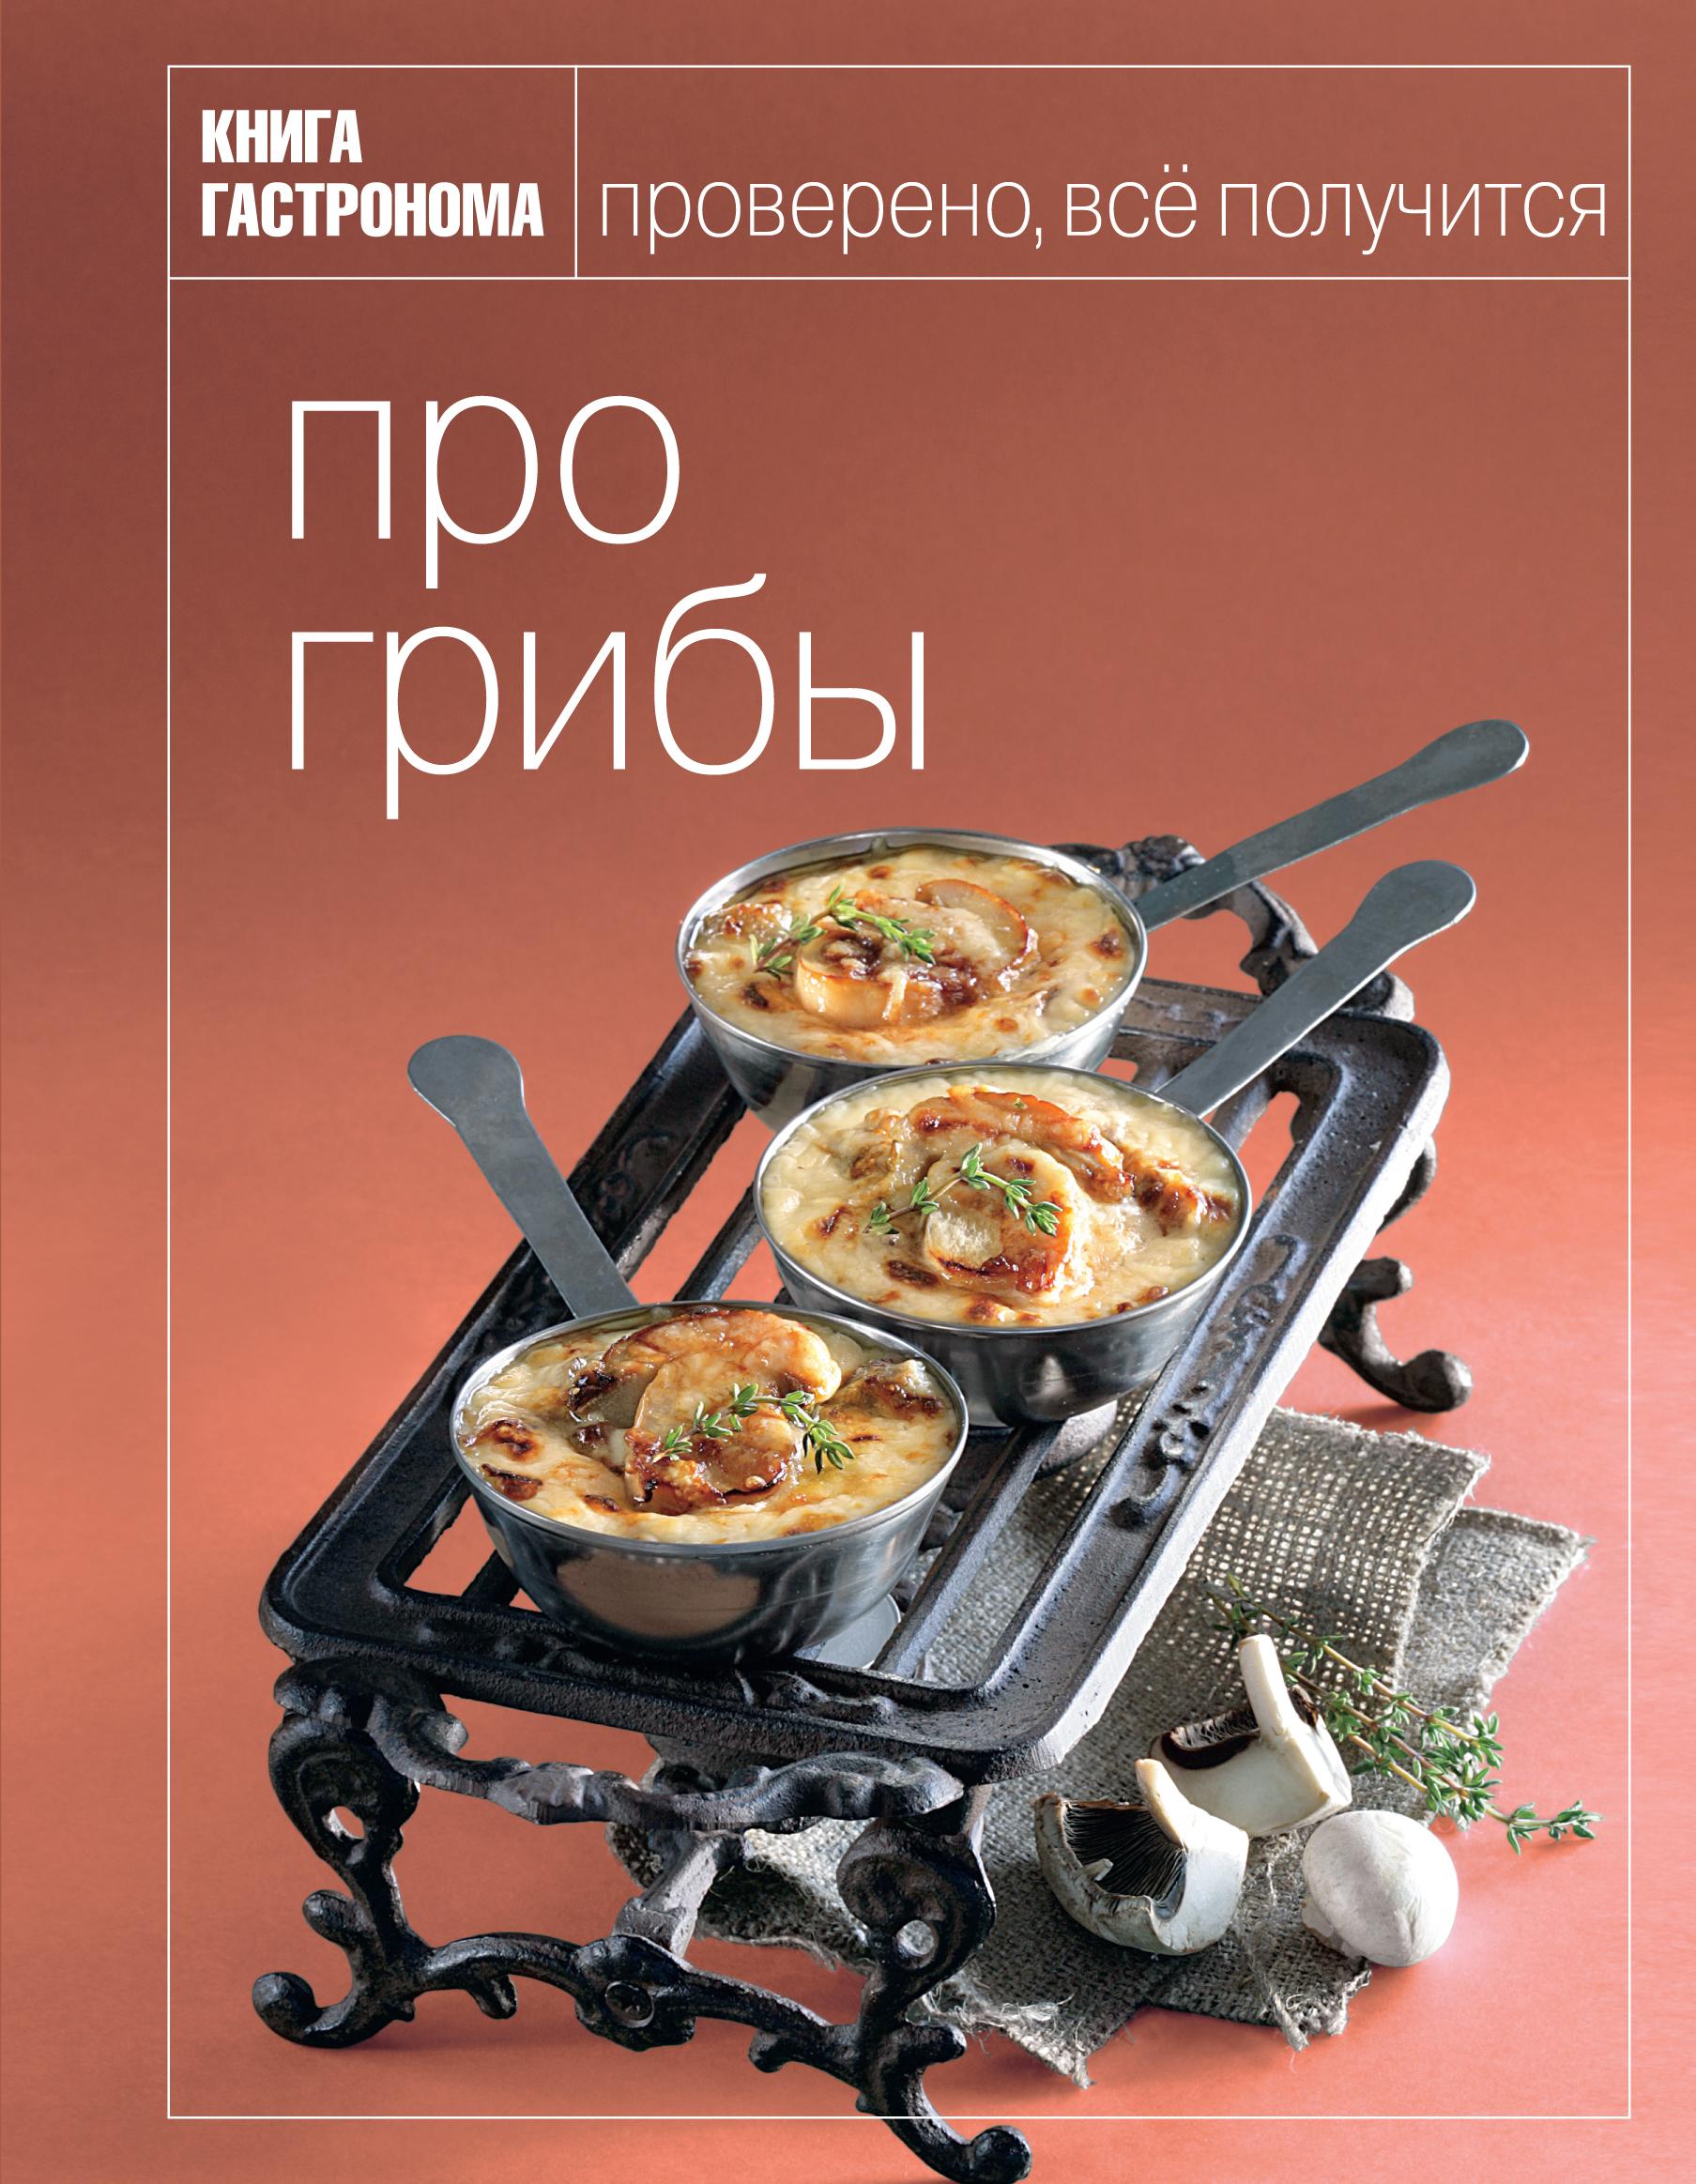 Книга Гастронома Про грибы мицелий грибов шампиньон королевский субстрат объем 60 мл